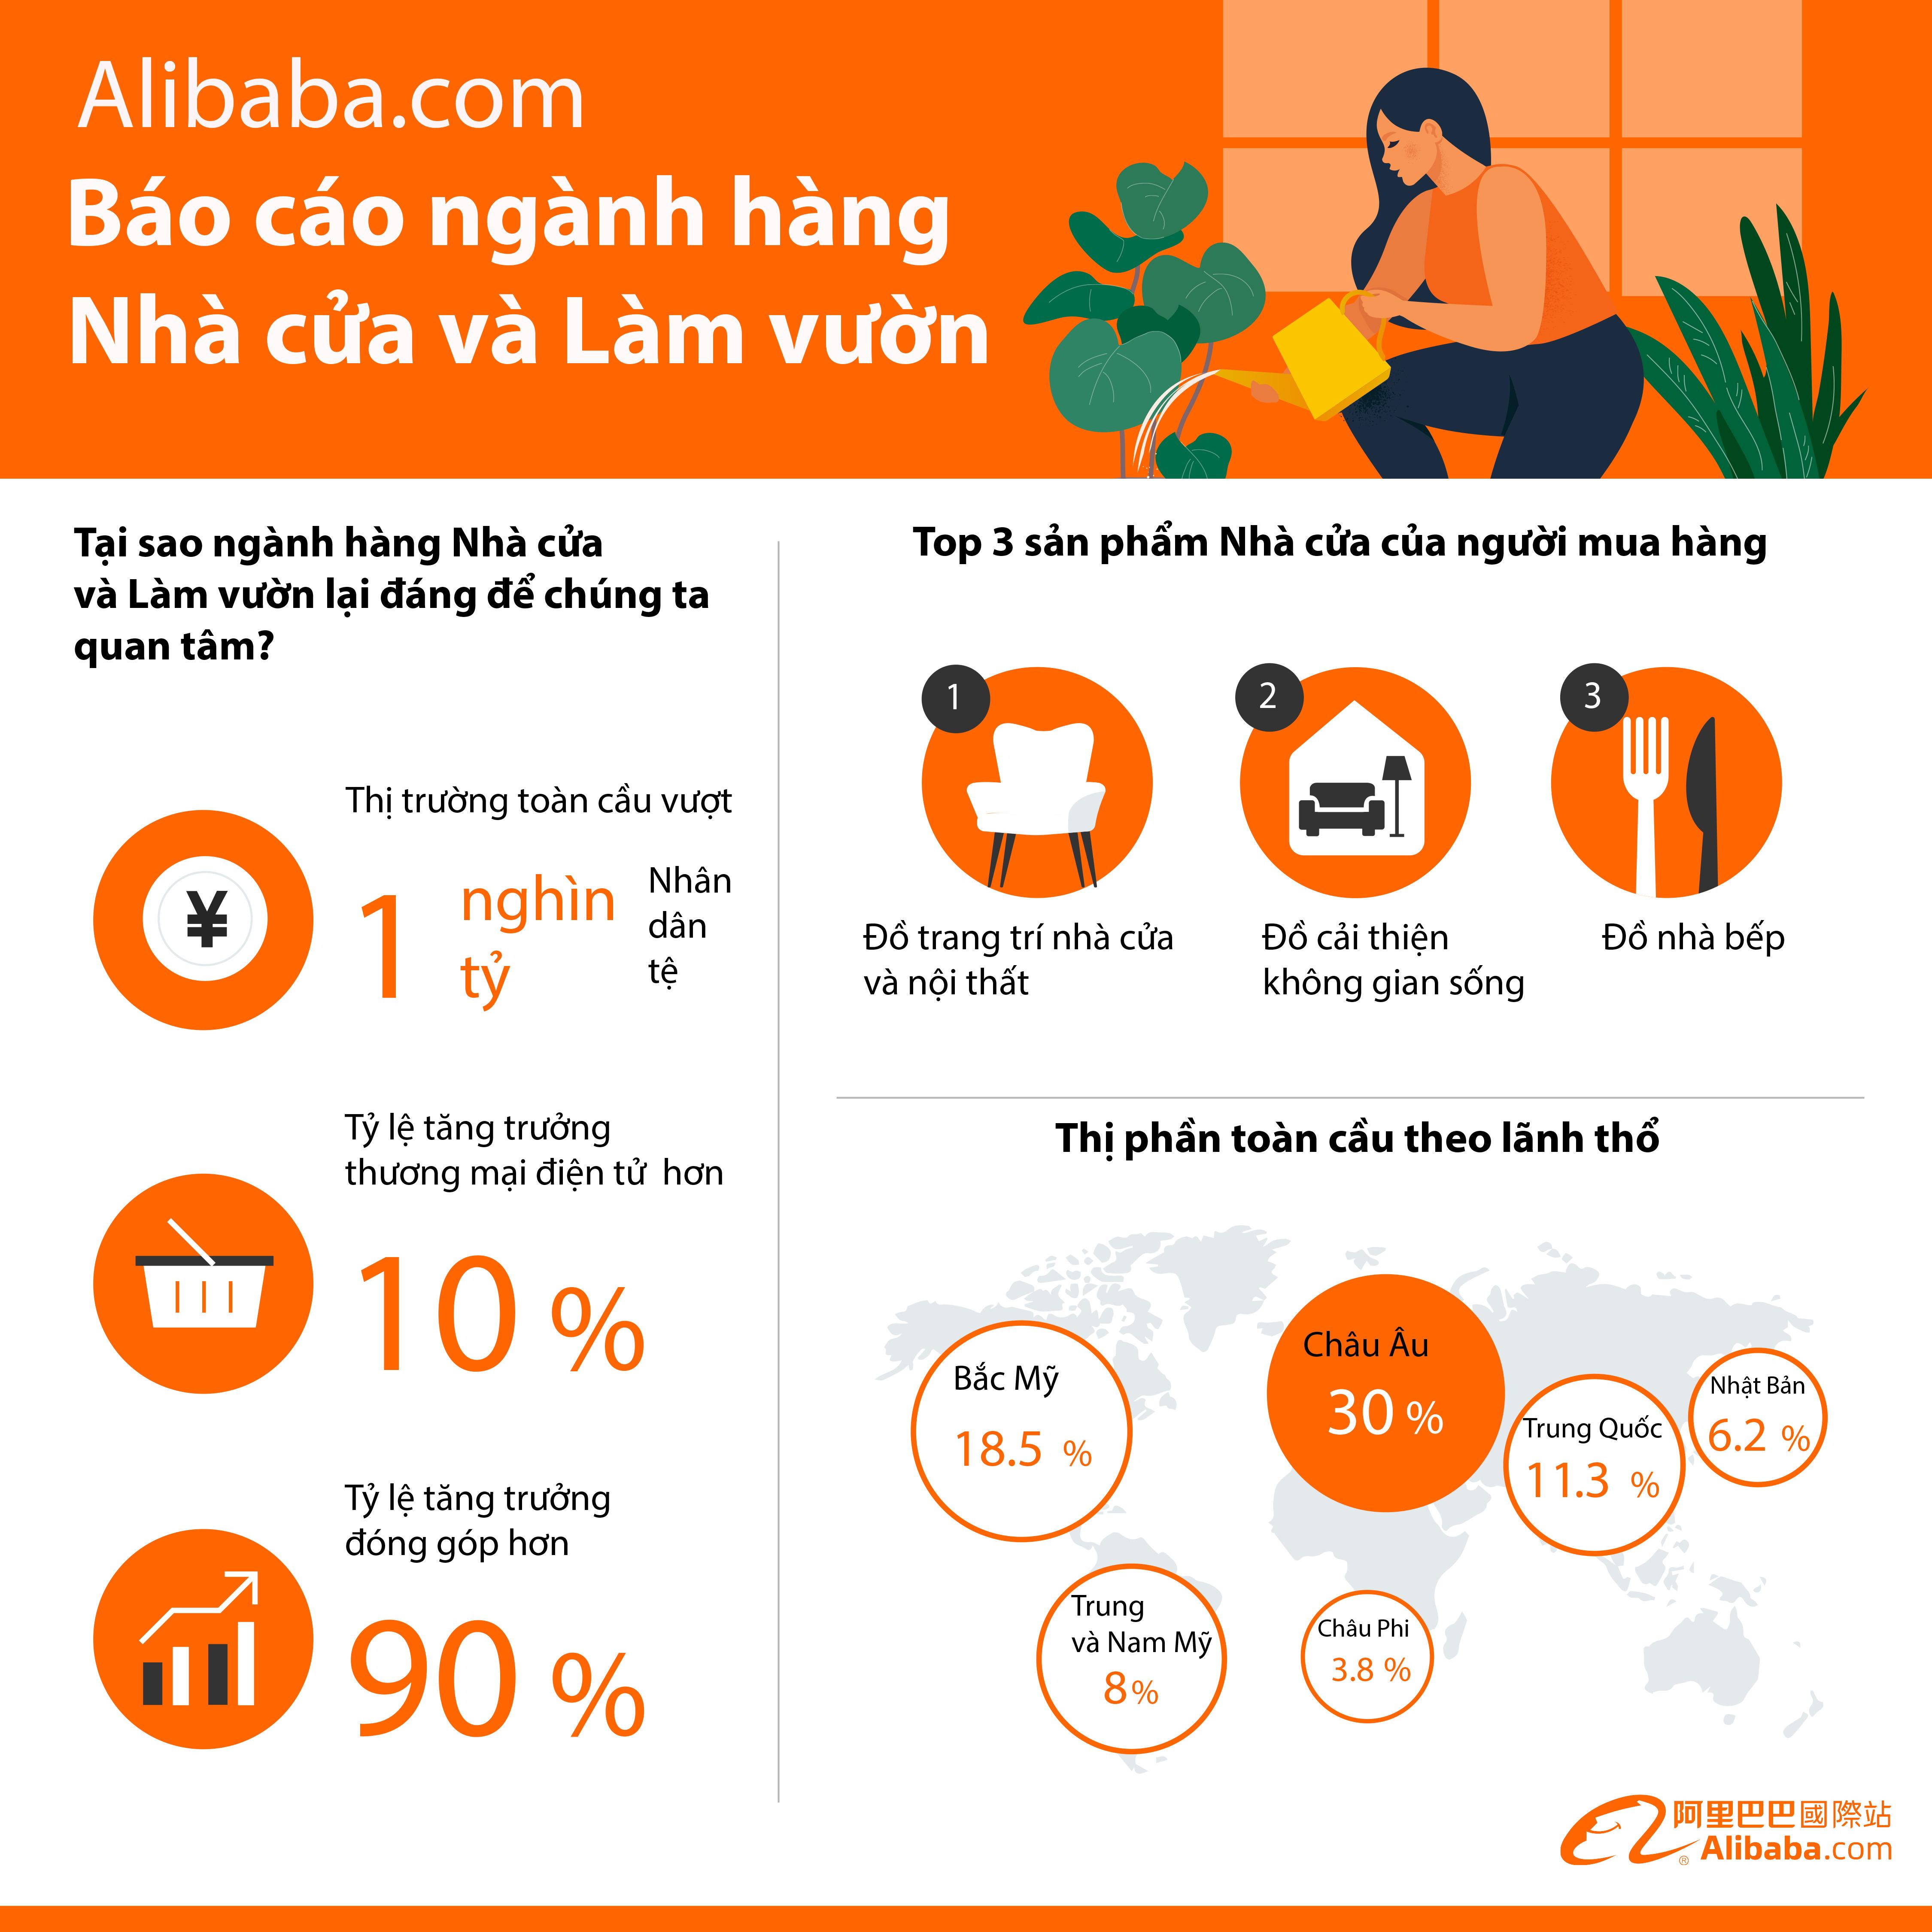 """Những điểm chính trong báo cáo """"Xu hướng ngành Nhà cửa và Làm vườn"""" của Alibaba.com"""